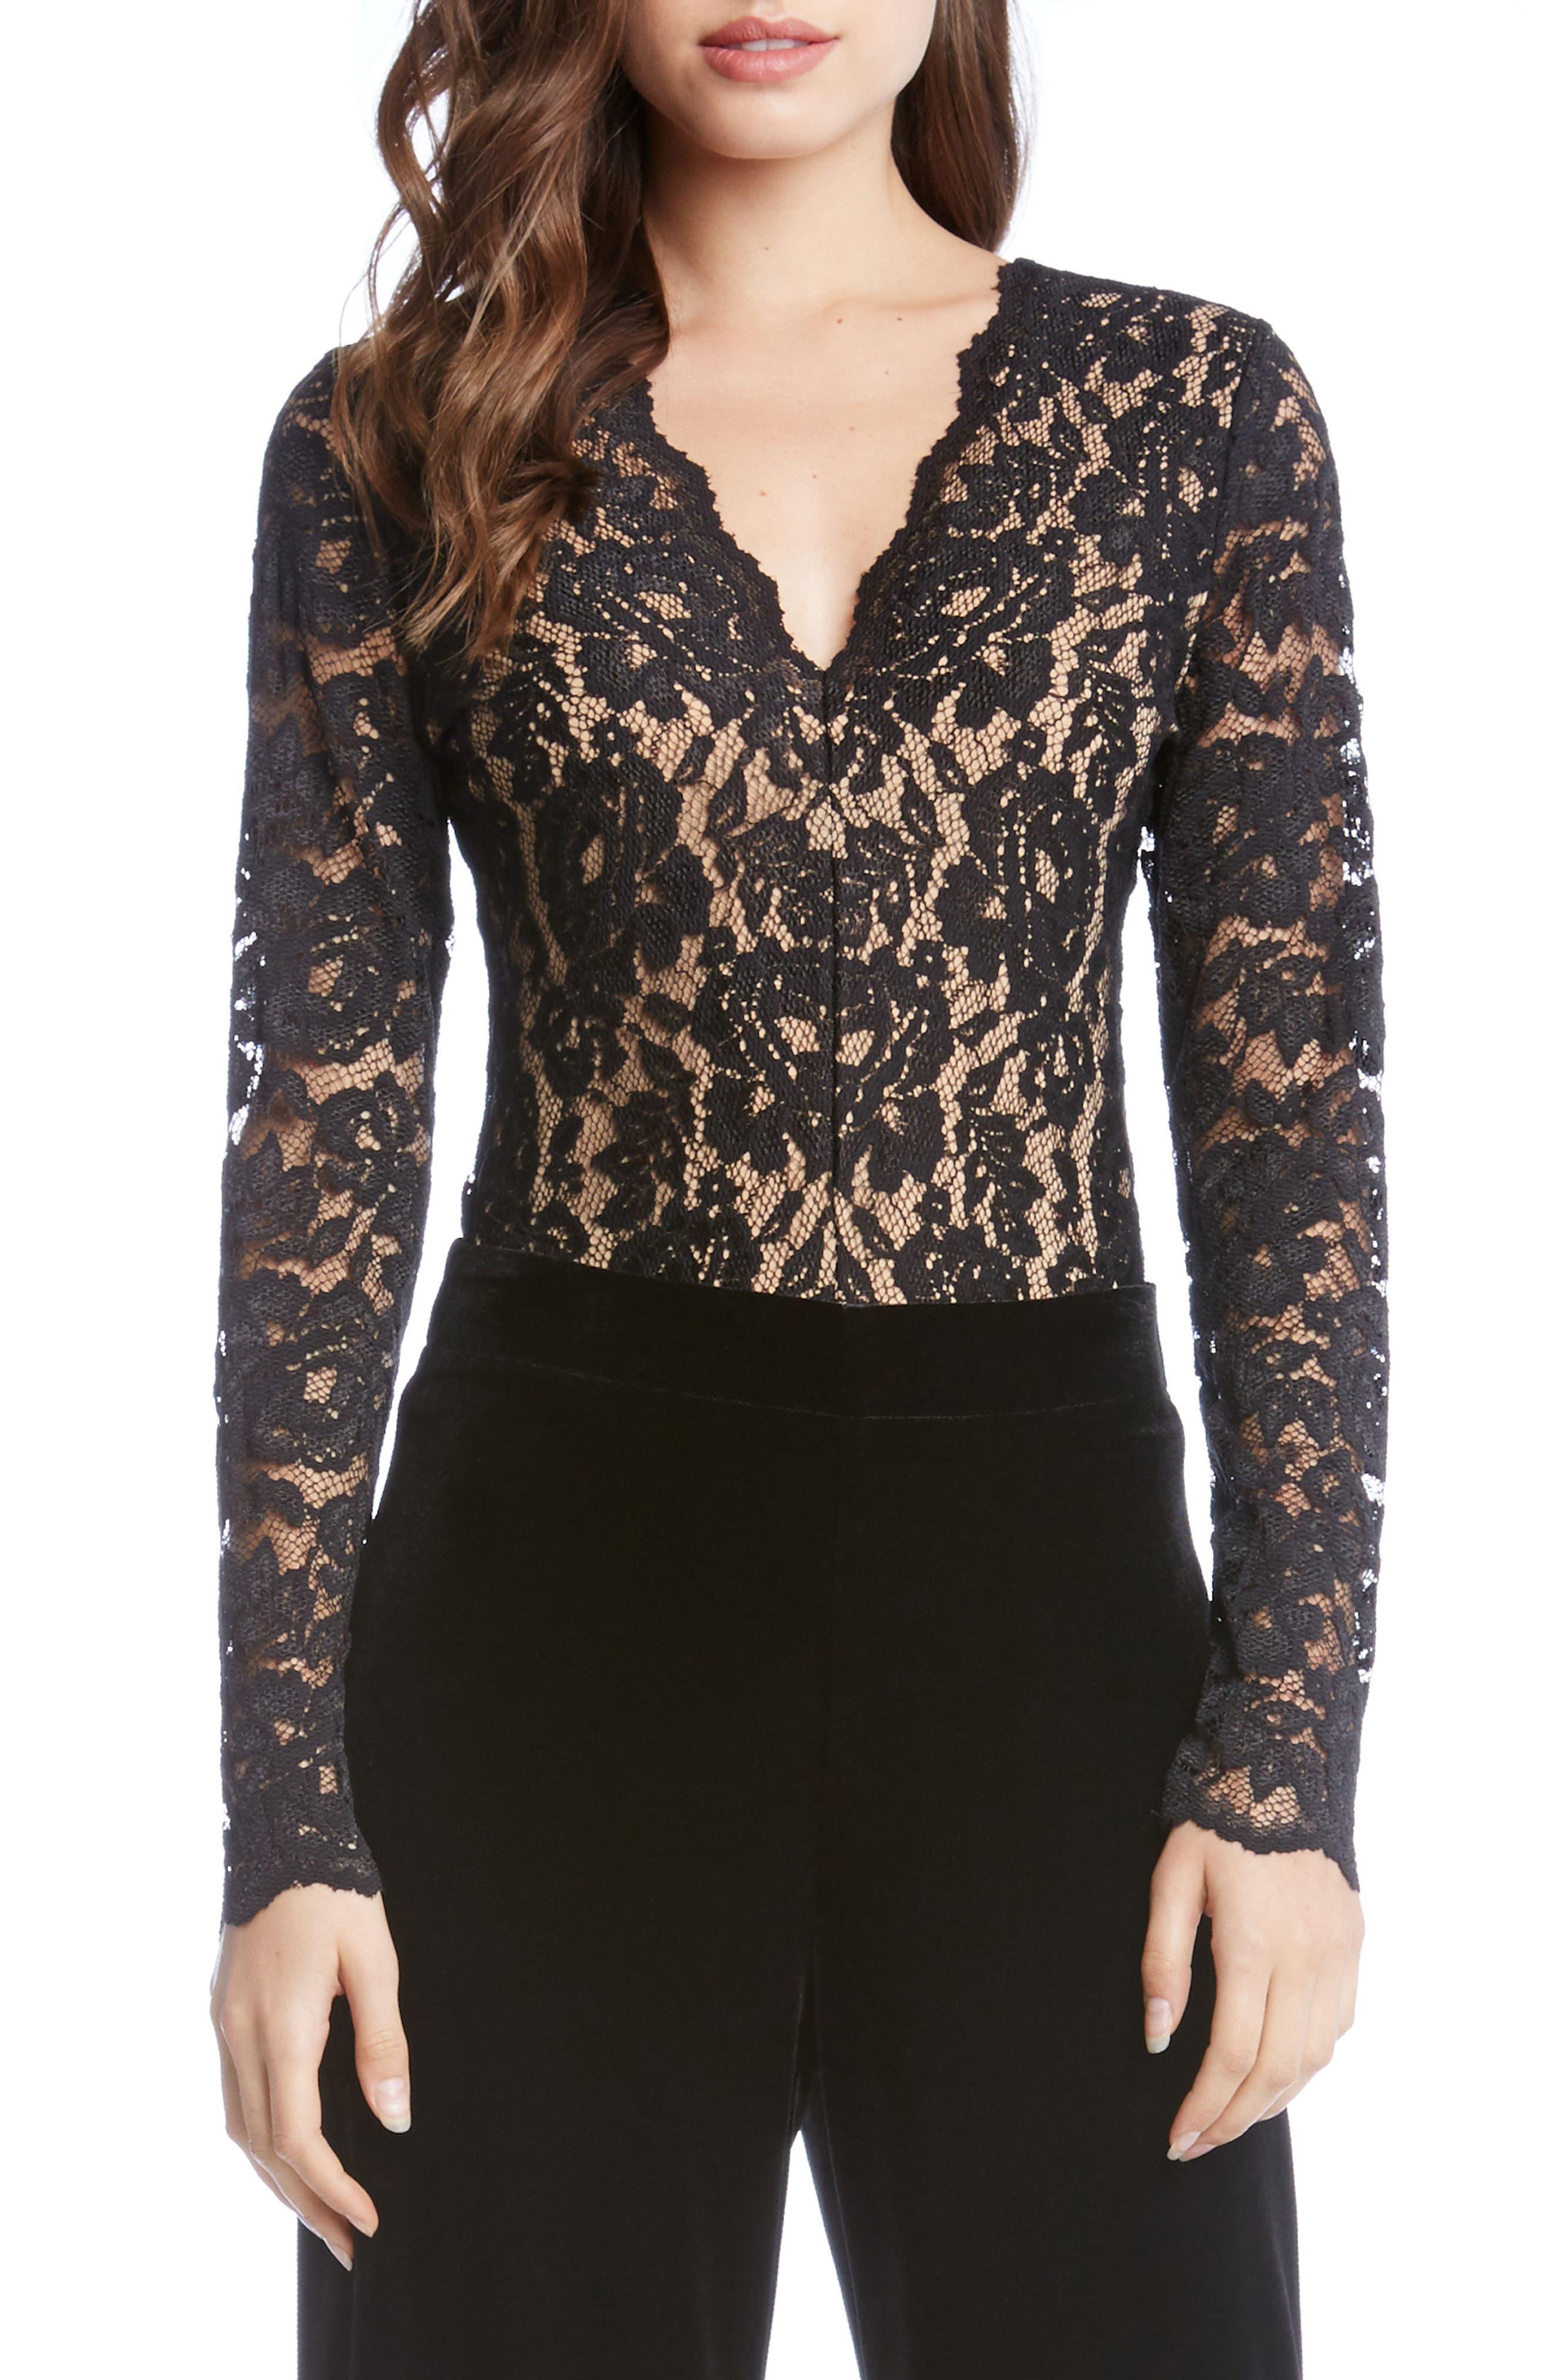 Alternate Image 1 Selected - Karen Kane Scallop Lace Bodysuit